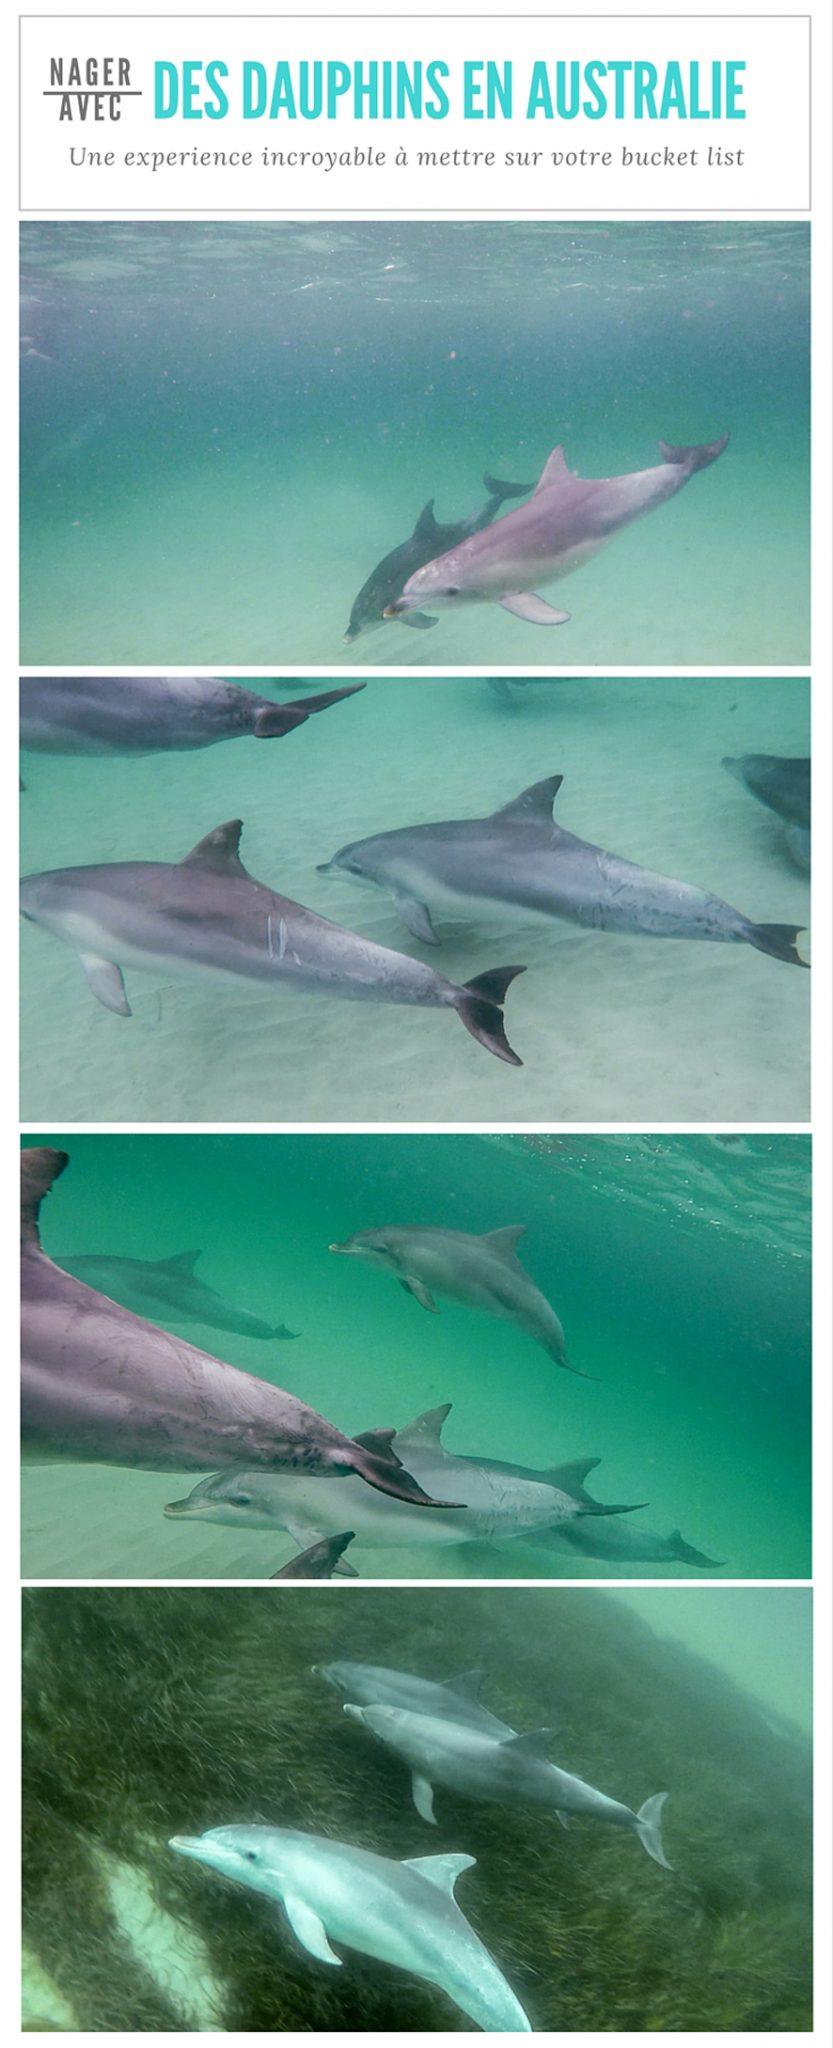 Nager avec des dauphins sauvages, à Kangaroo Island, en Australie est une expérience inoubliable... à mettre sur votre bucket list